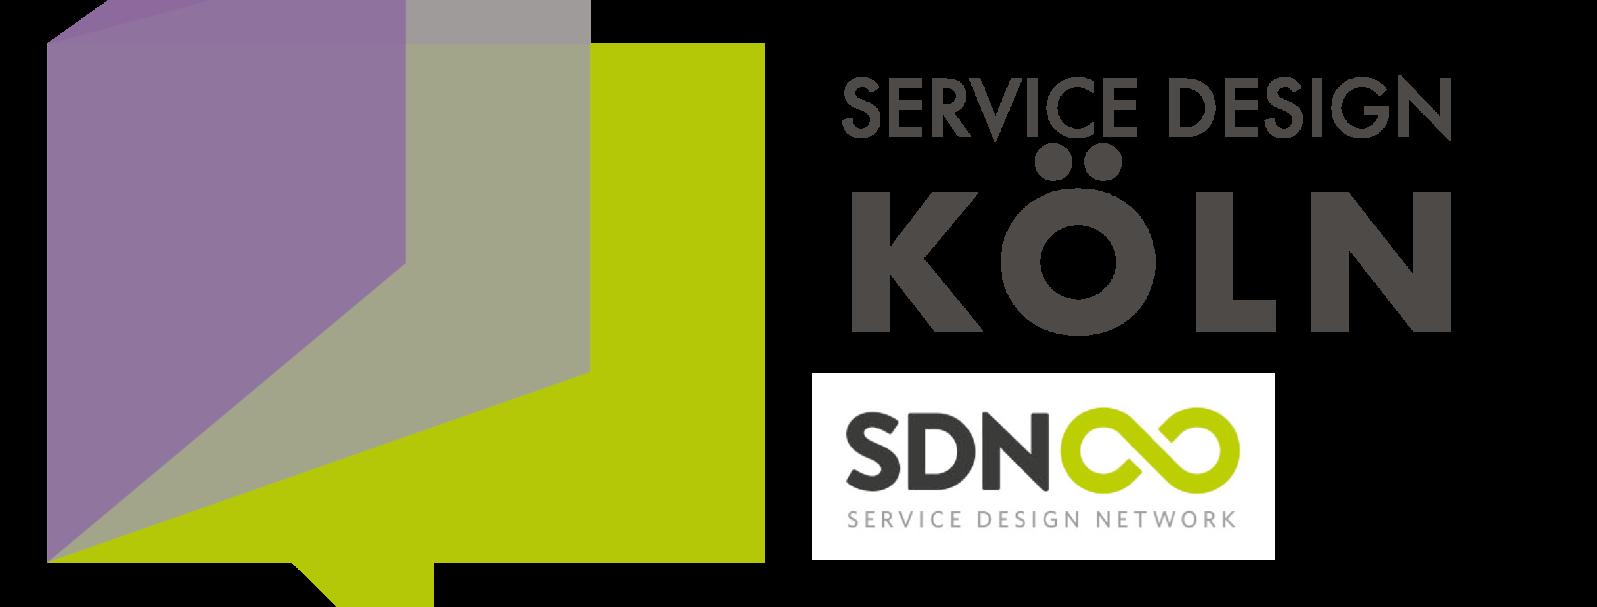 Service Design Köln - Service Design for Innovation and Start-ups